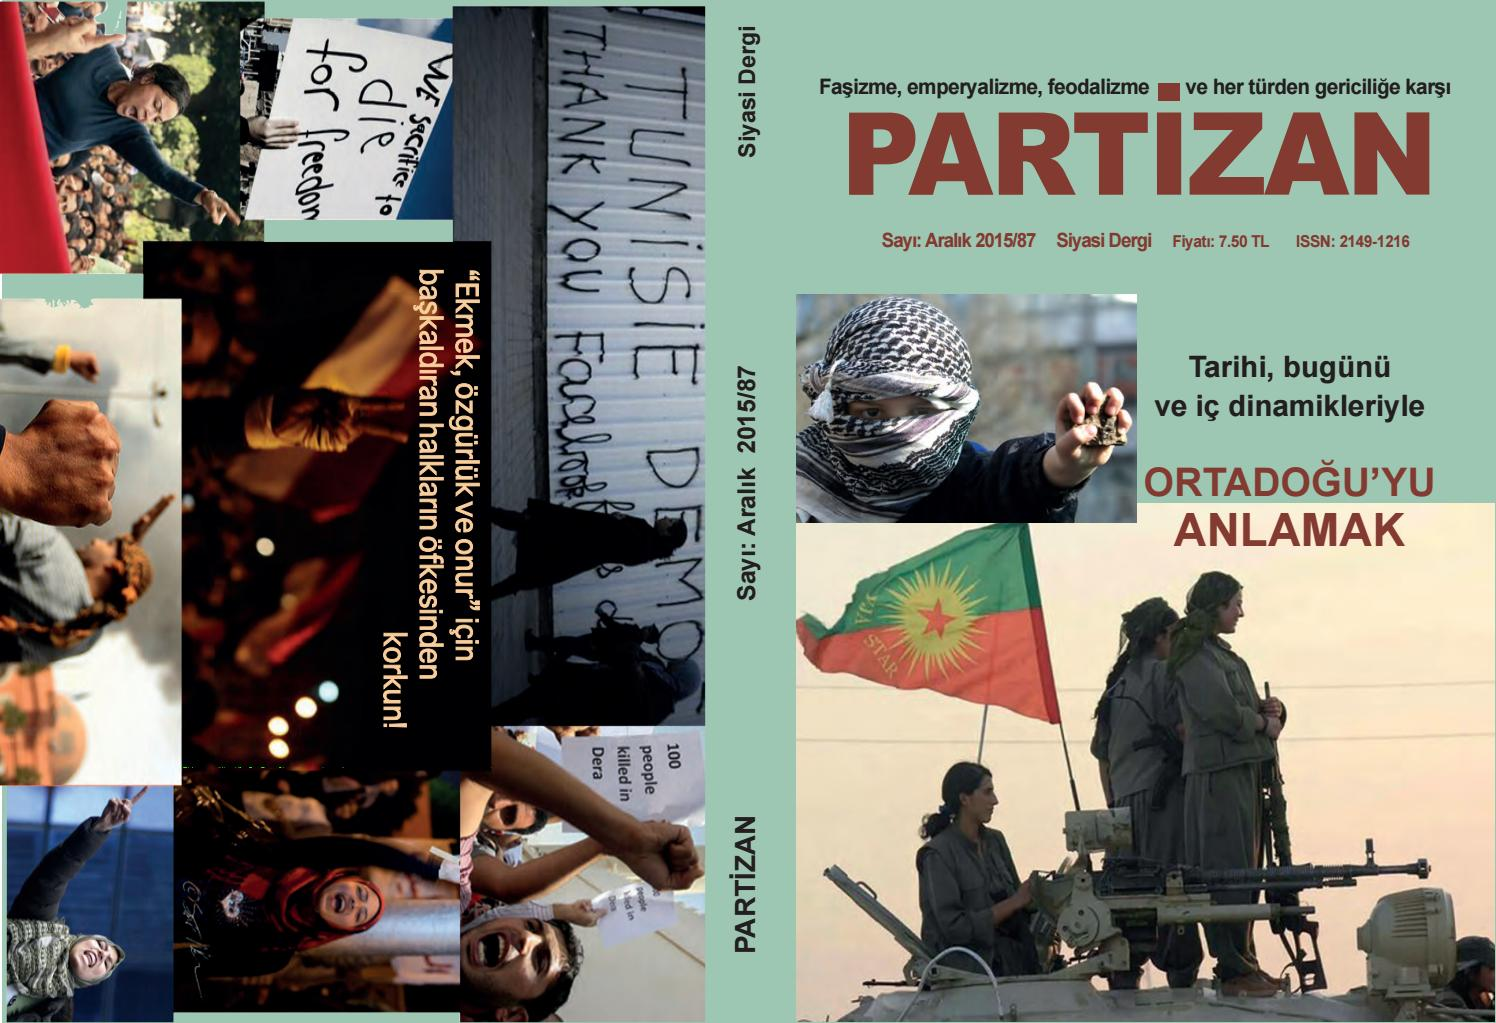 Solikamsk hapis veya efsanevi Beyaz Kuğu nin koloni: Tarih ve Modernite 83